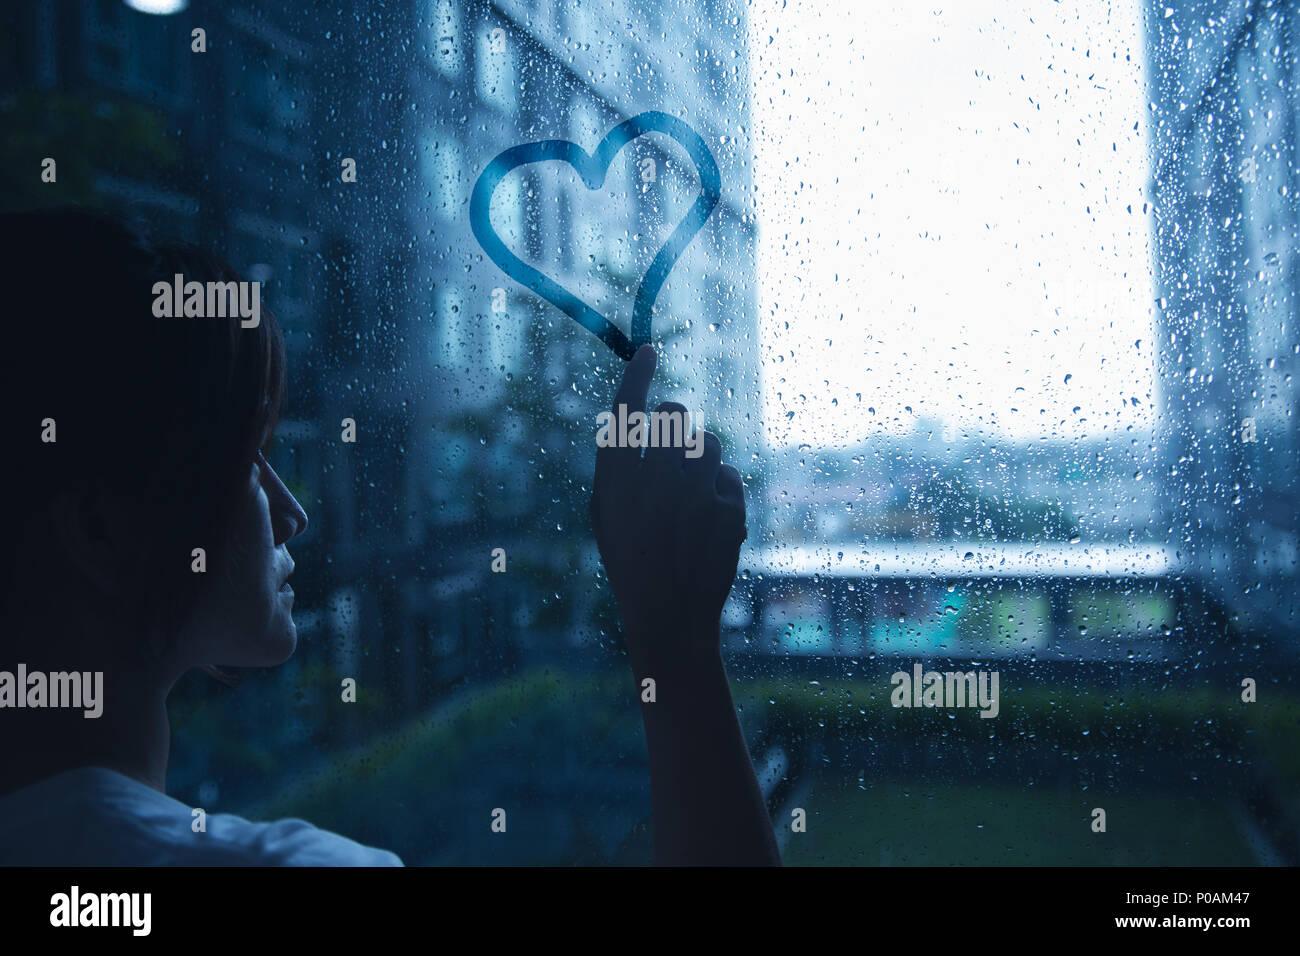 Traurig einsam liebe Frau in Regen Herz auf Fenster Glas dunkelblau Ton Stockbild